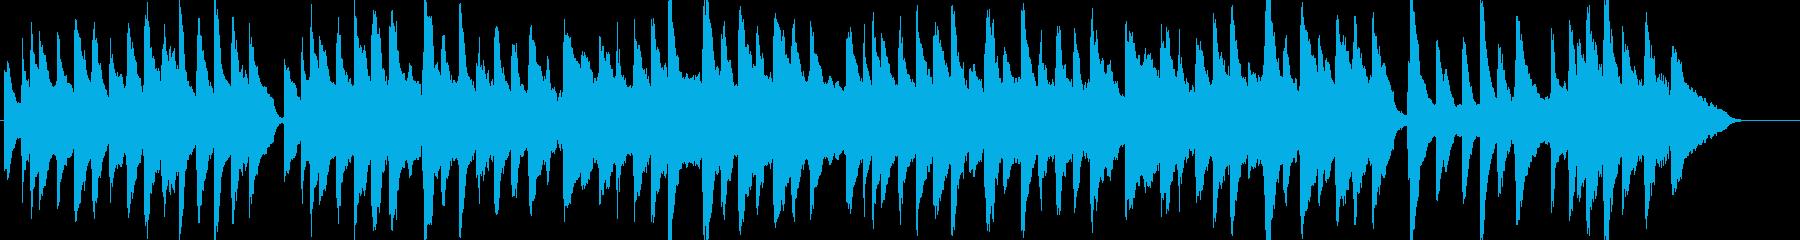 シャボン玉・童謡・ピアノ・ストリングスの再生済みの波形